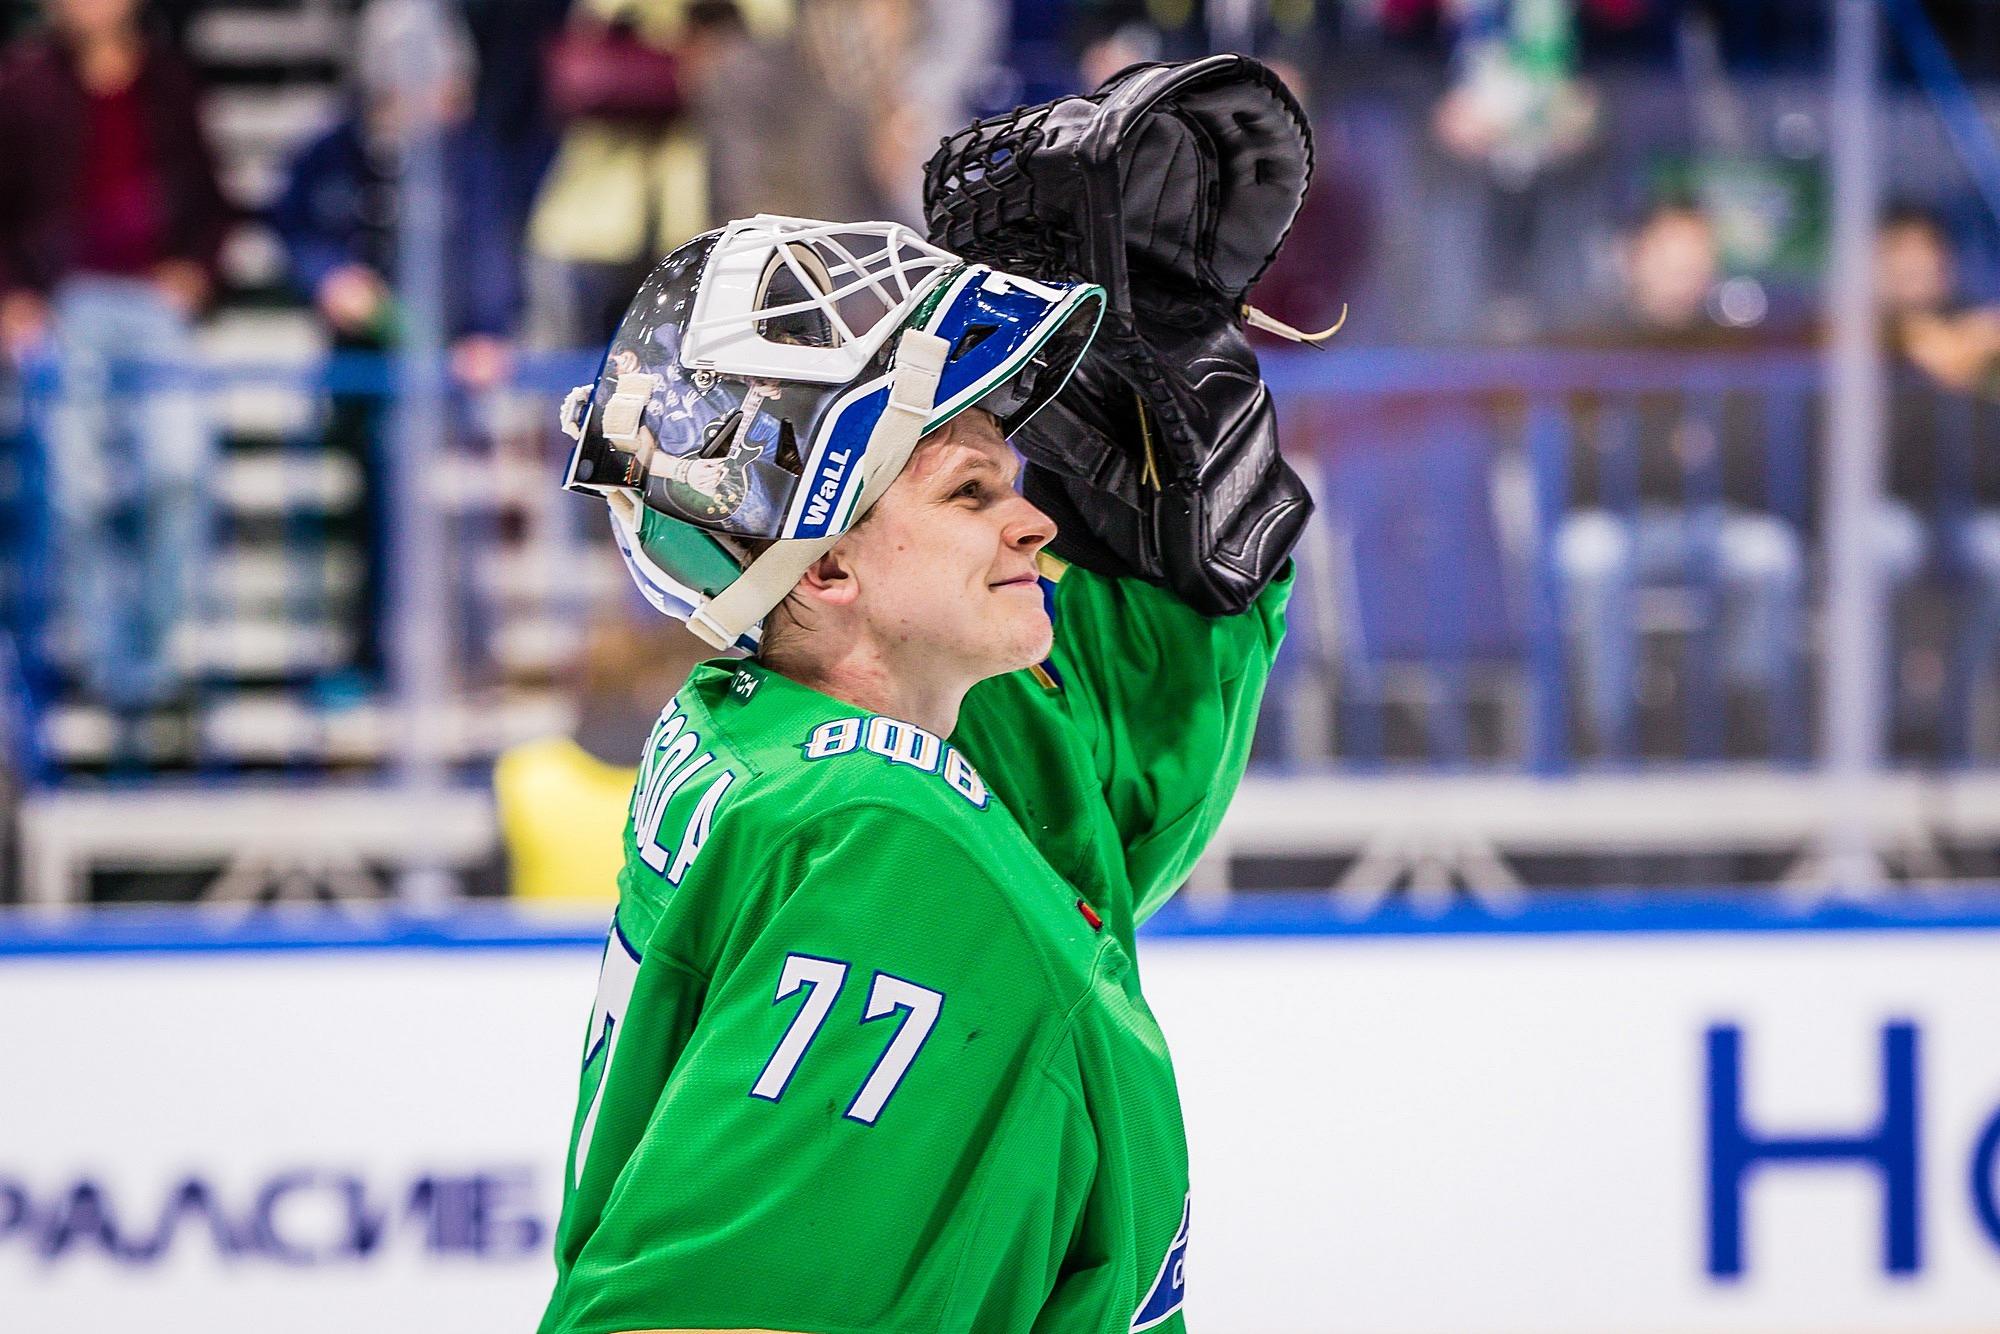 Метсола: не могу отойти от эмоций после победы Финляндии на чемпионате мира